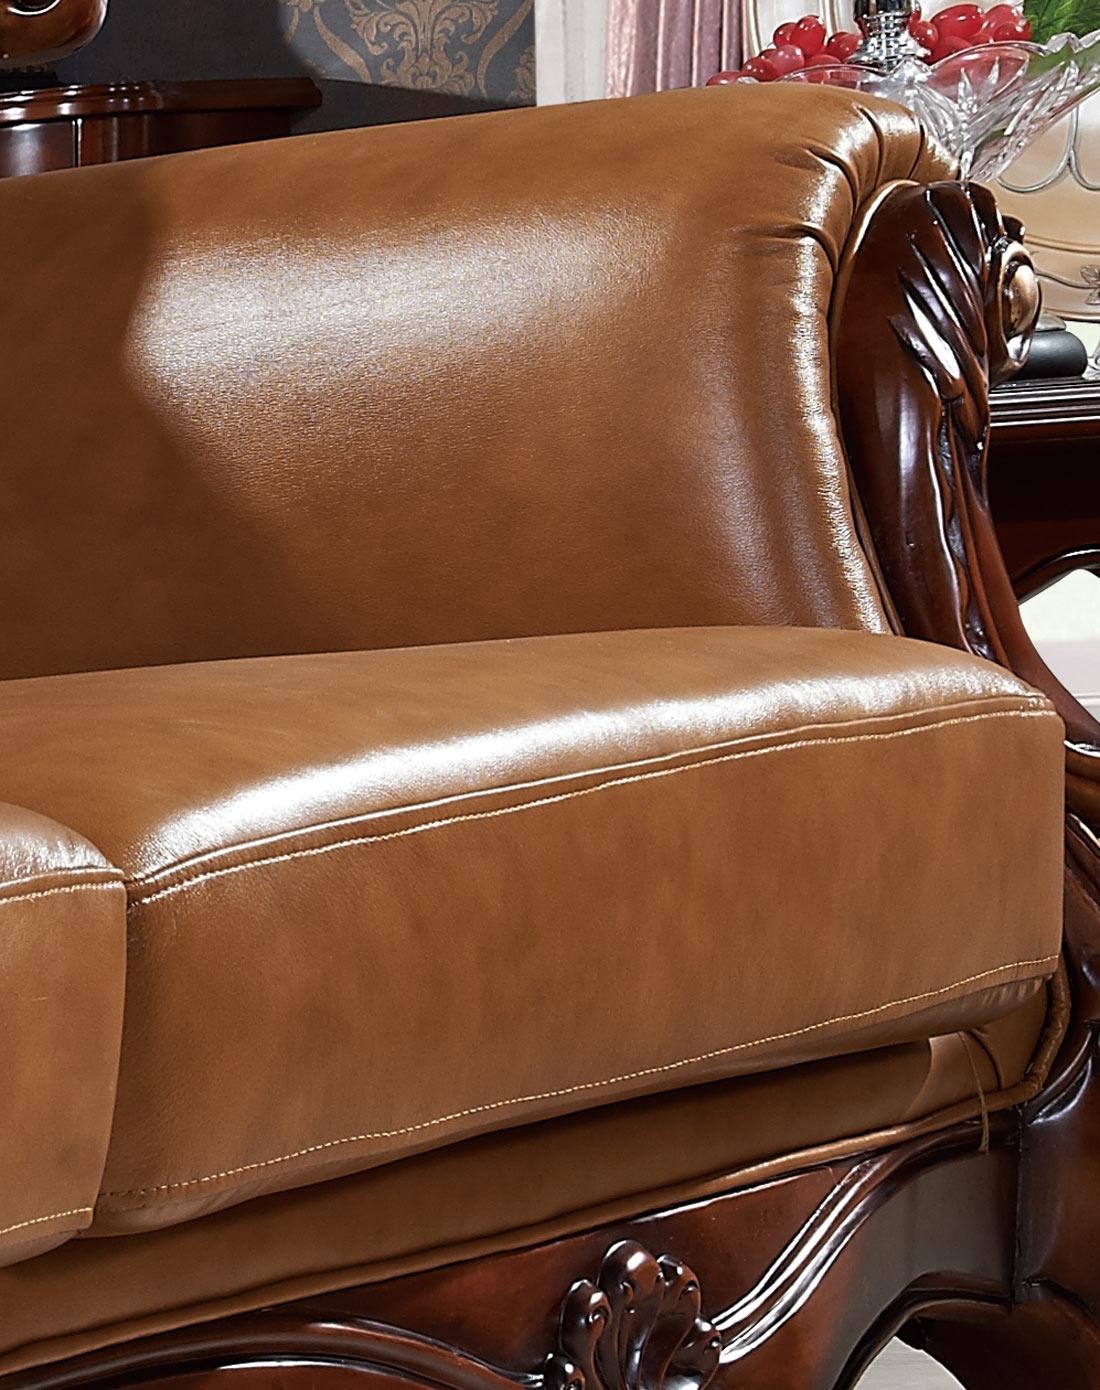 欧式实木雕花头层厚牛皮组合沙发